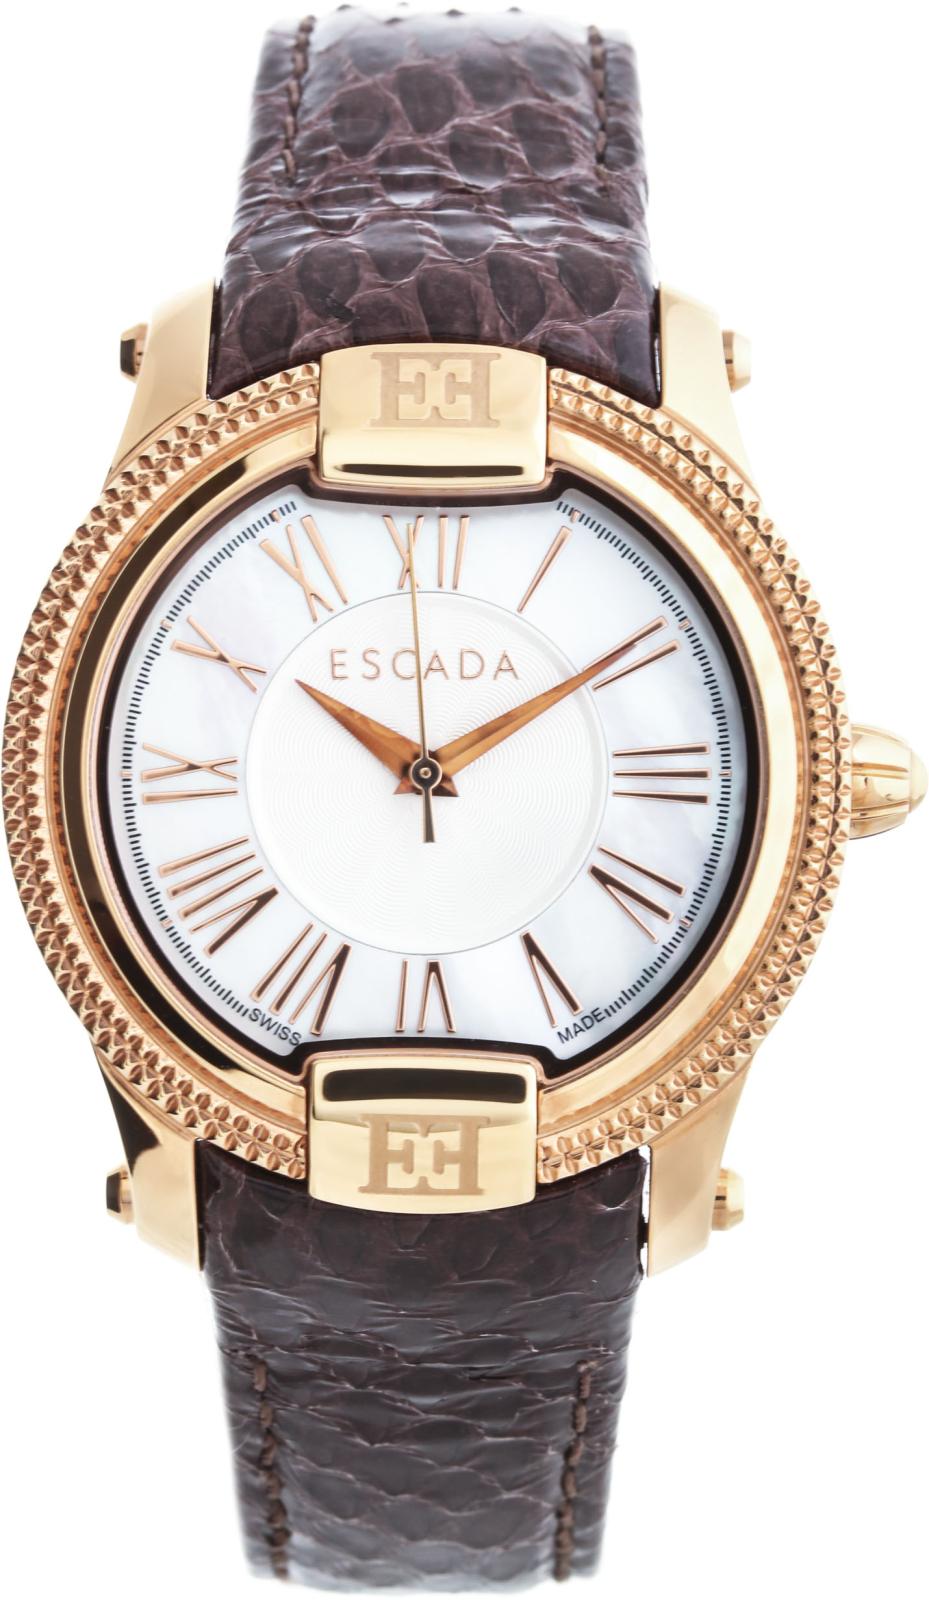 Escada Madelene E3330053Наручные часы<br>Швейцарские&amp;nbsp;часы Escada Madelene E3330053<br><br>Пол: Женские<br>Страна-производитель: Швейцария<br>Механизм: Кварцевый<br>Материал корпуса: Сталь<br>Материал ремня/браслета: Кожа<br>Водозащита, диапазон: 20 - 100 м<br>Стекло: Минеральное<br>Толщина корпуса: 8 мм<br>Стиль: Классика